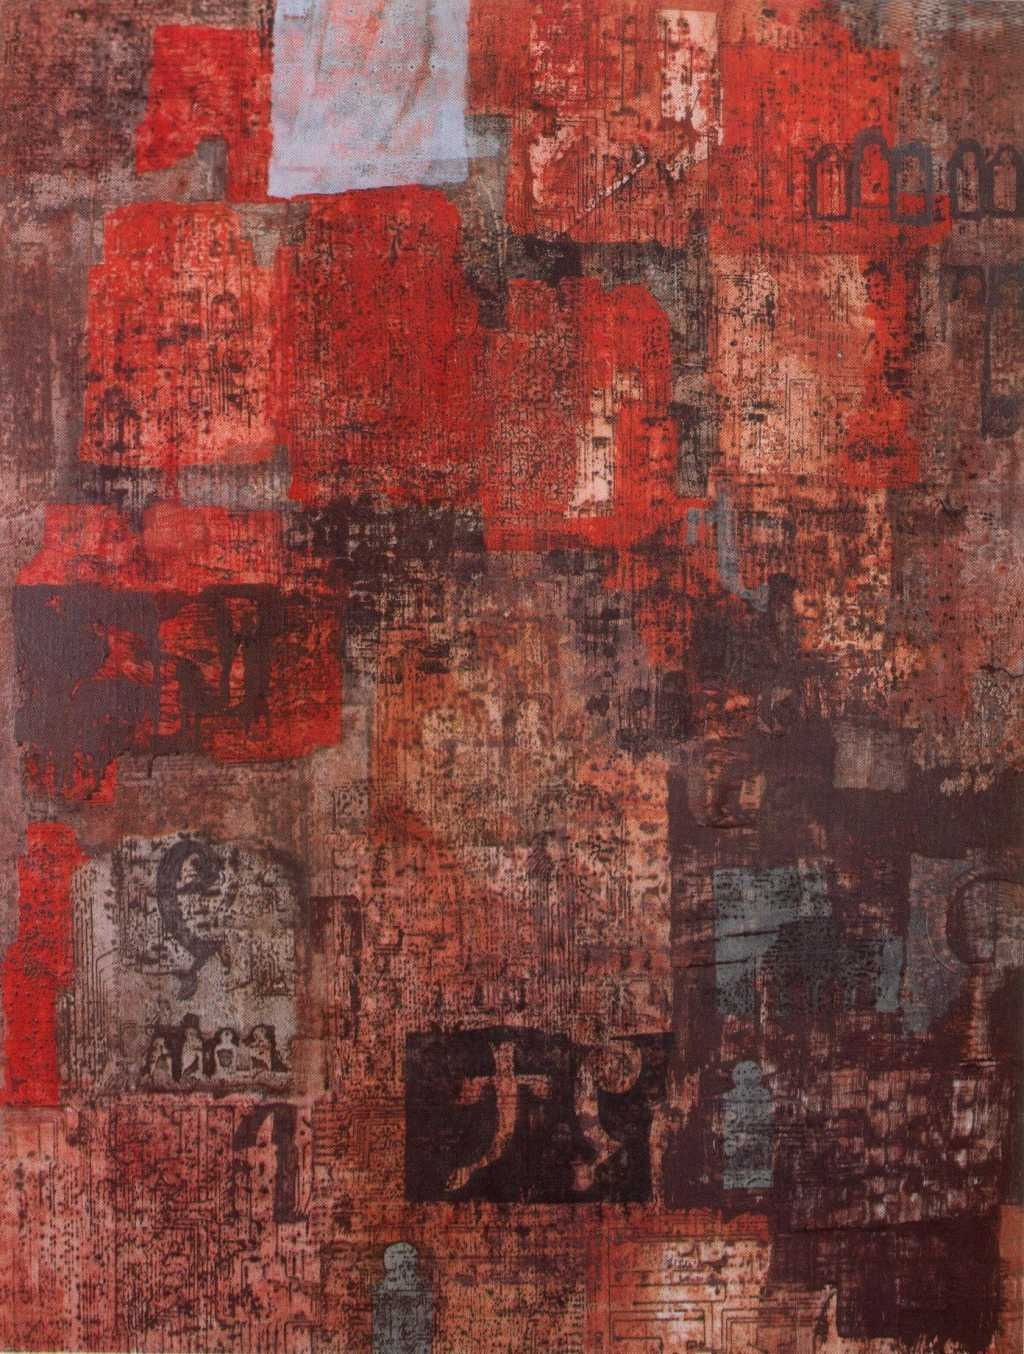 Ország Lili: Pompeji I (1969)